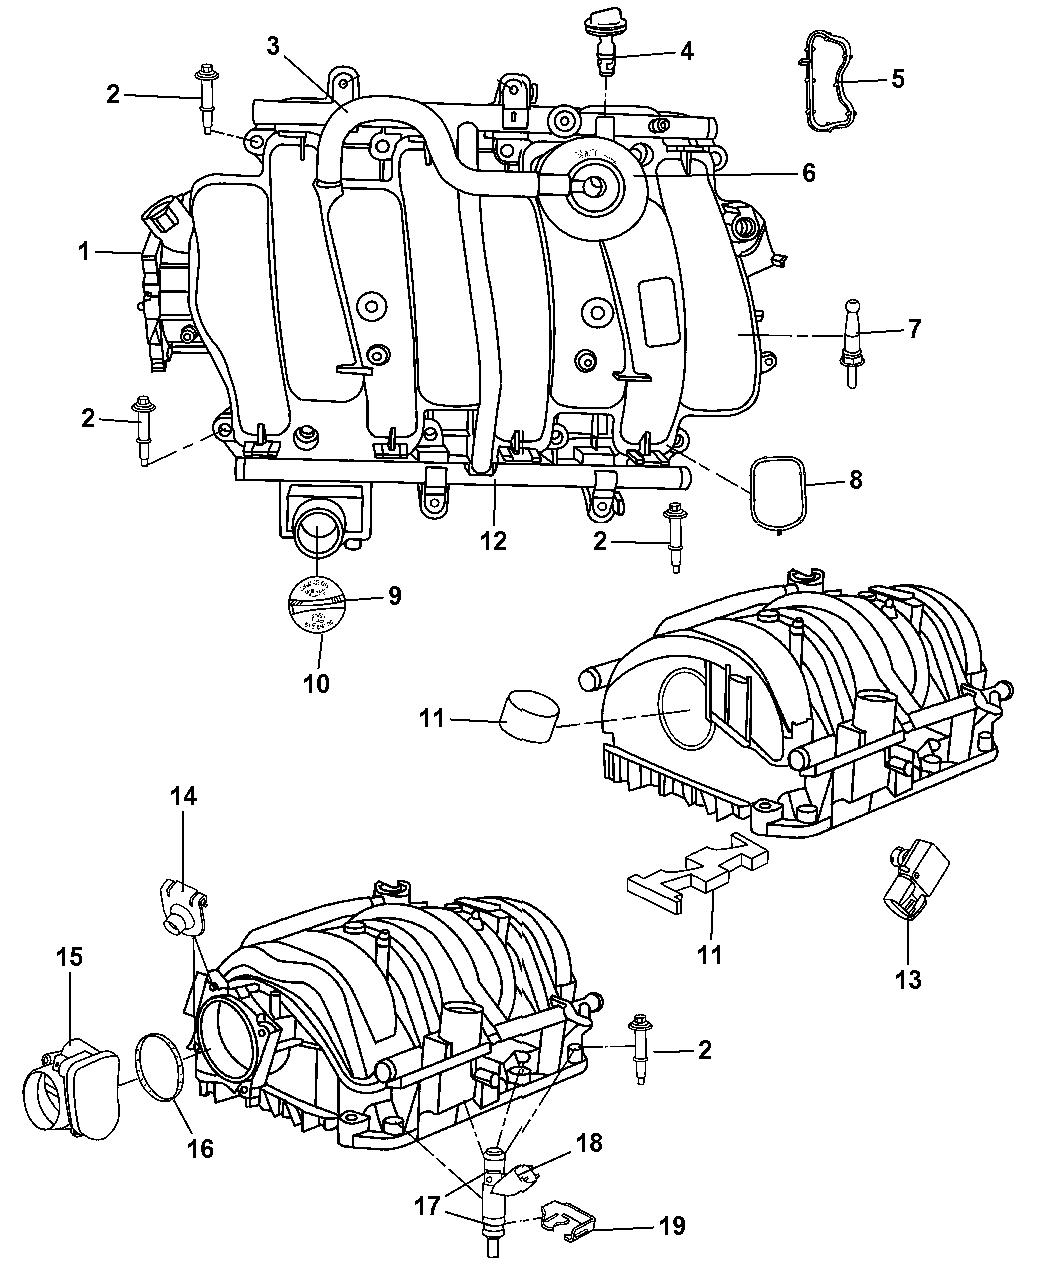 2008 Dodge Magnum Intake Manifold Mopar Parts Giant Starter Wiring Thumbnail 1